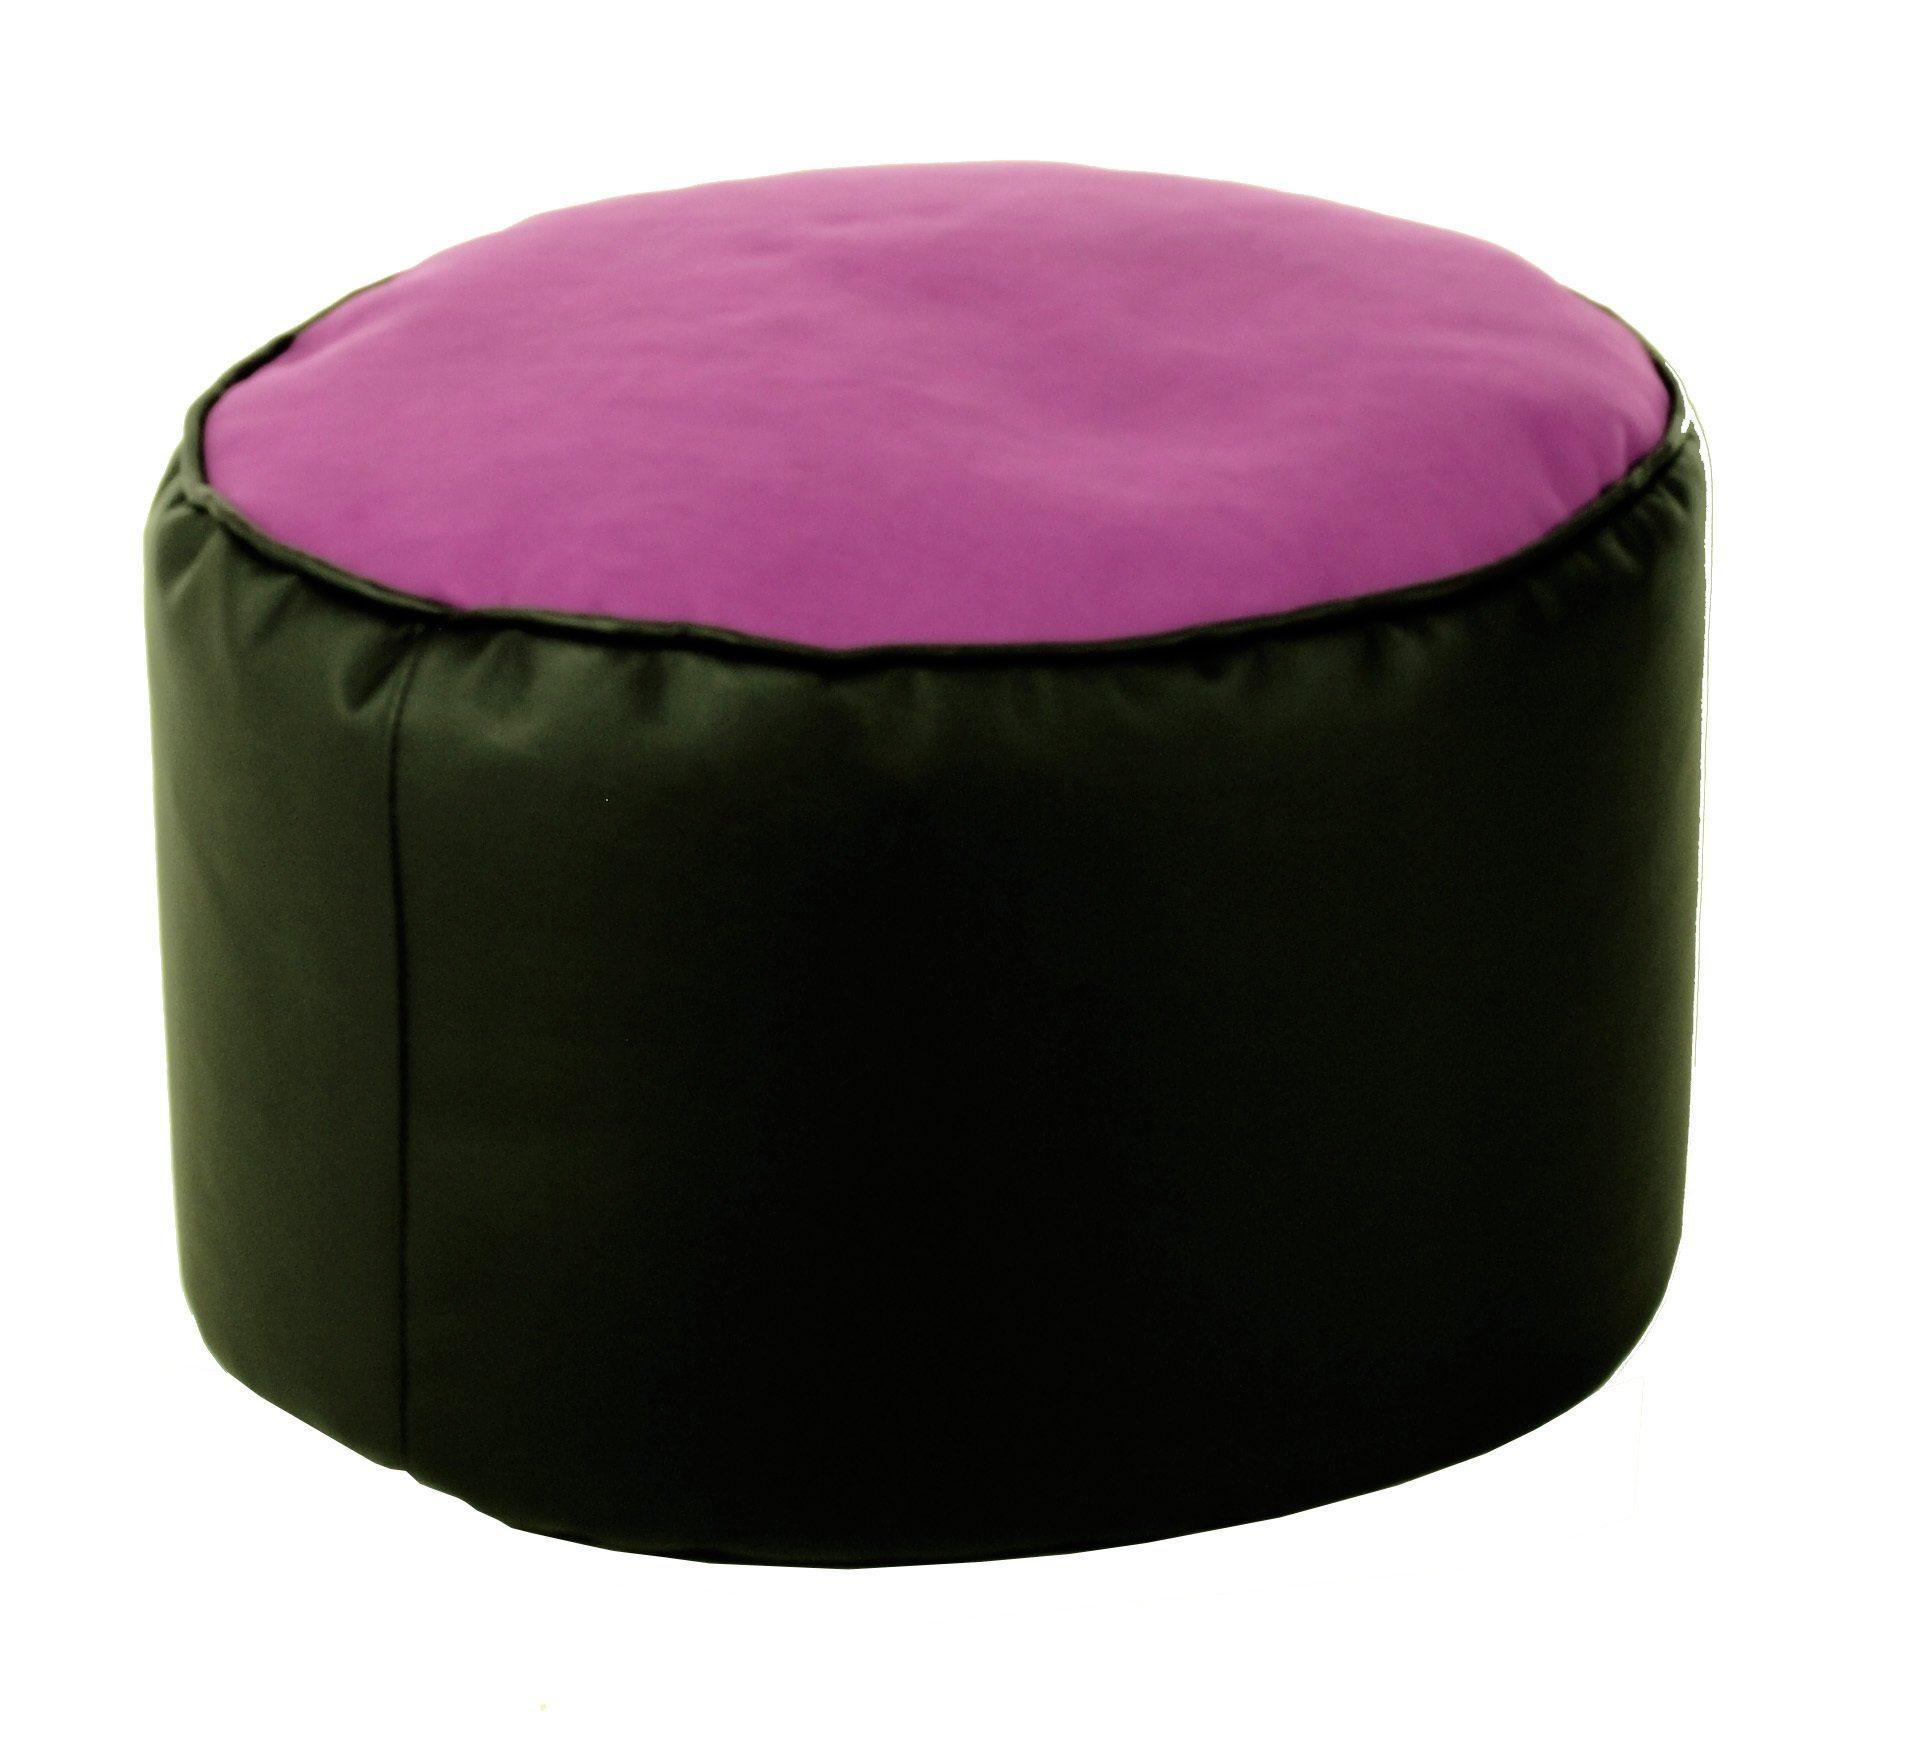 Kasper-Wohndesign Sitzsack Pouf schwarz verschiedene Farben »LOTUS GENUA« | Wohnzimmer > Sessel > Sitzsaecke | Schwarz | Polyester - Kunstleder | Kasper-Wohndesign